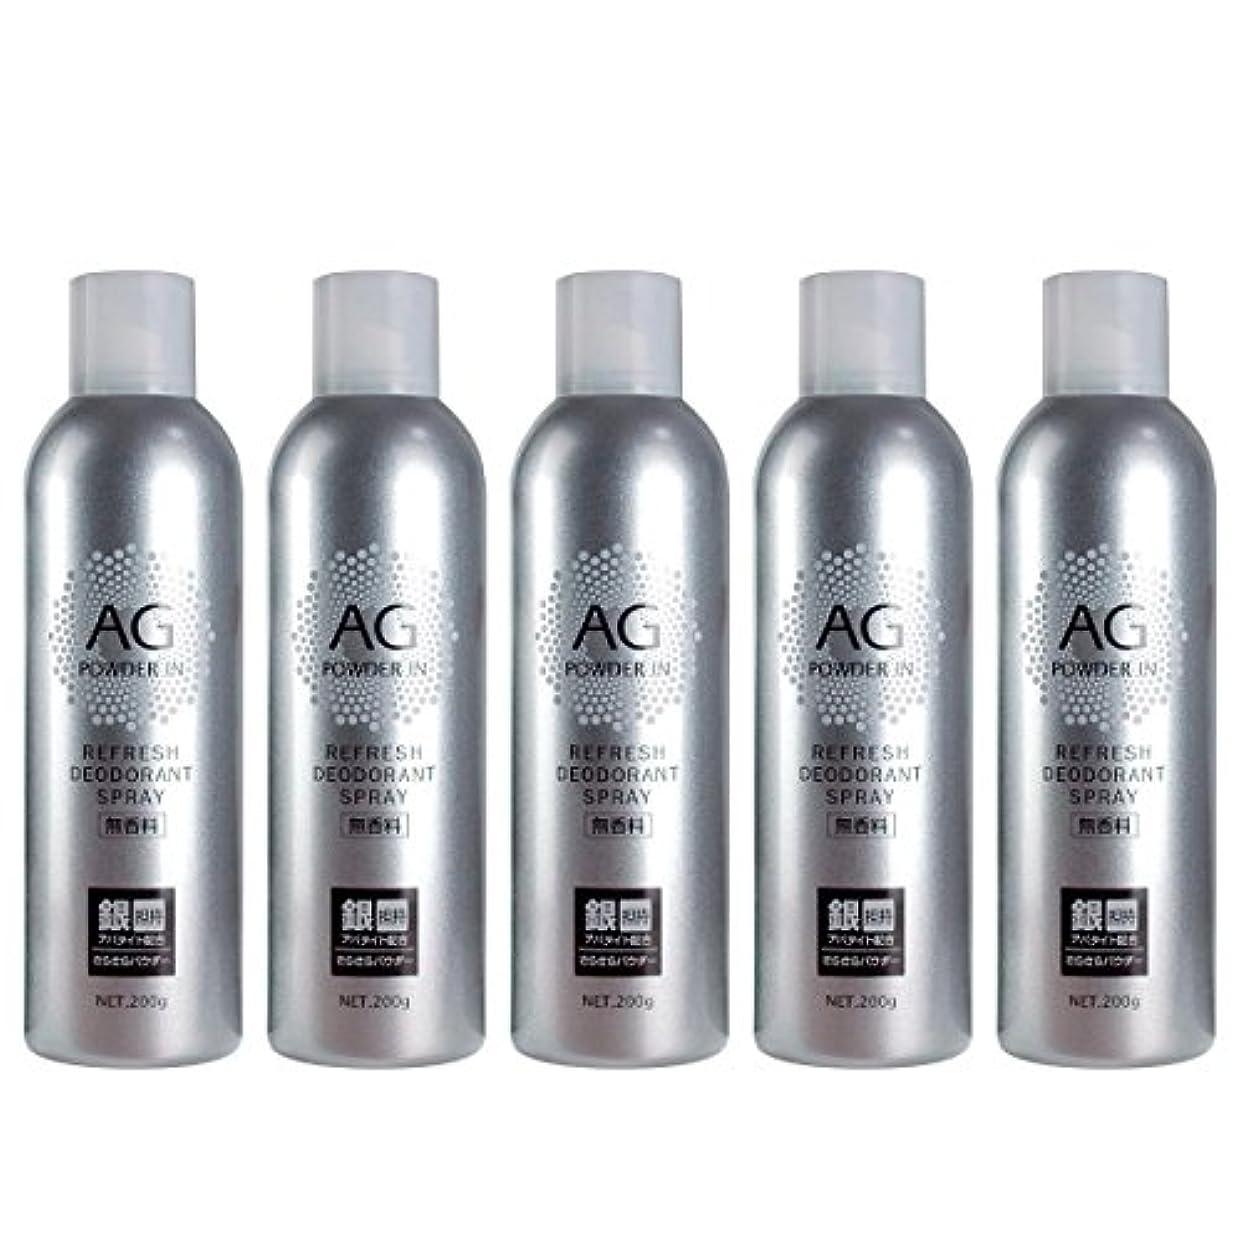 デオドラントスプレー AG 銀スプレー 人気 無香料 200g×5本セット